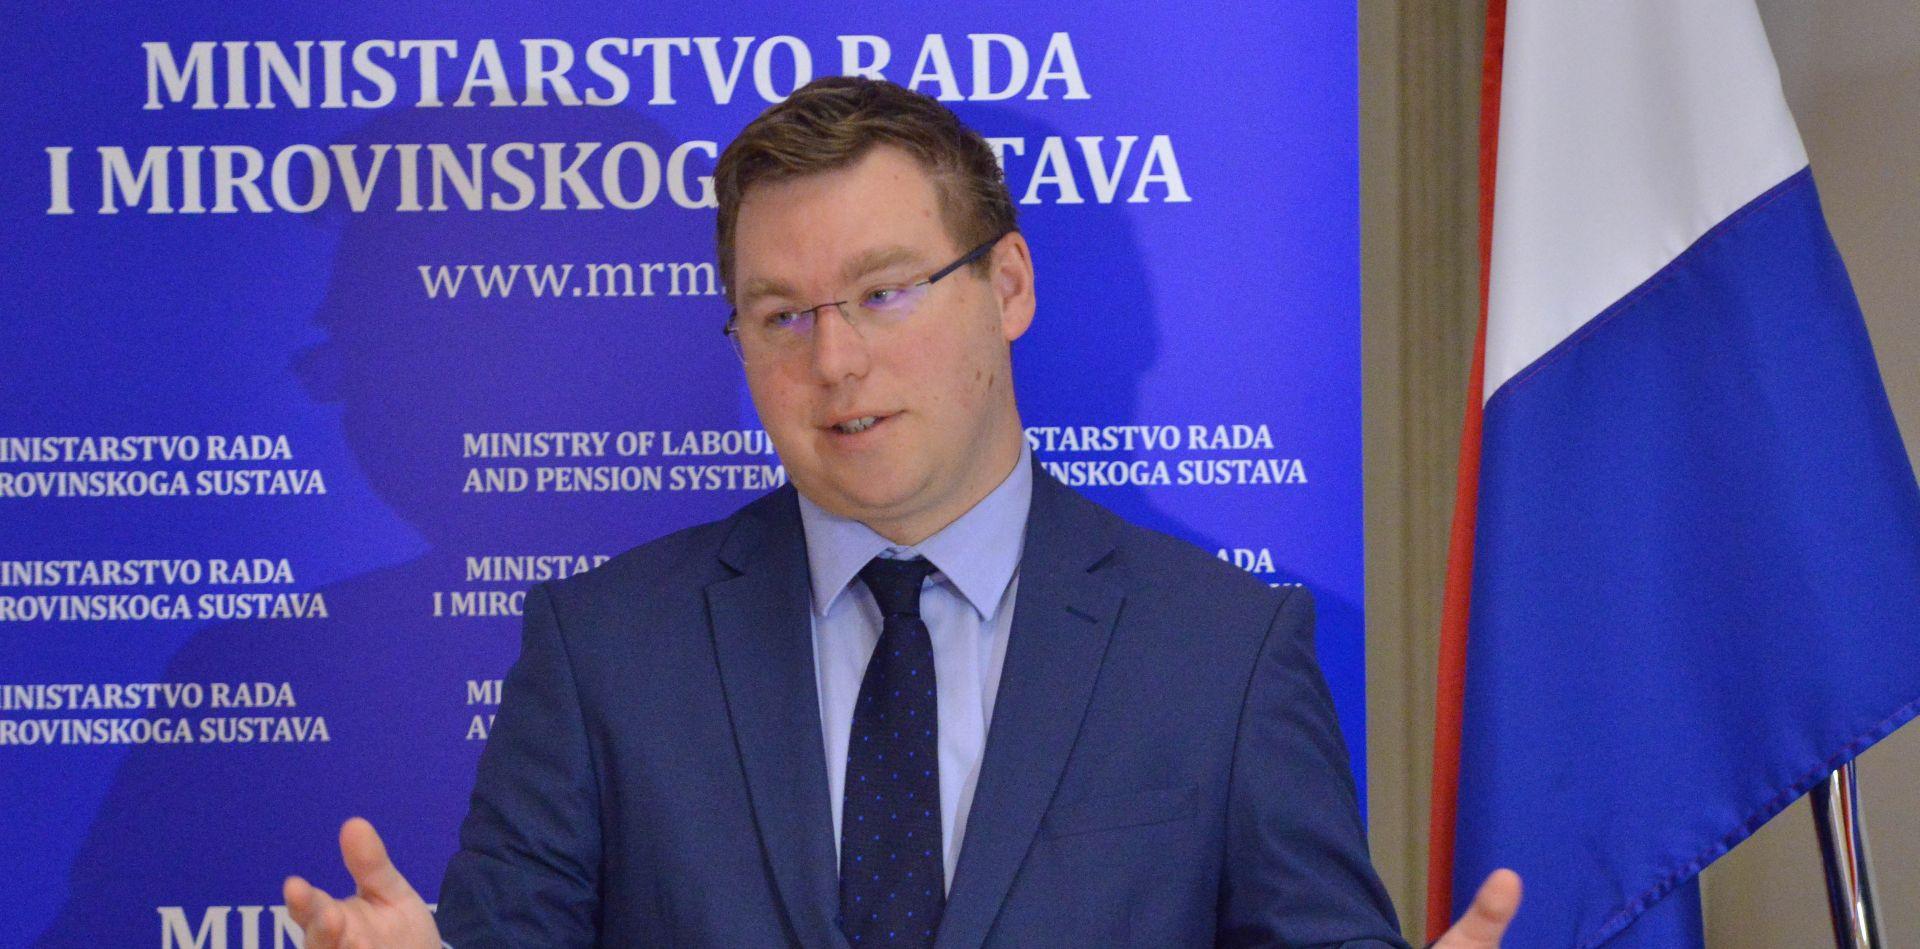 Parafiran prijedlog TKU-a za javne službe